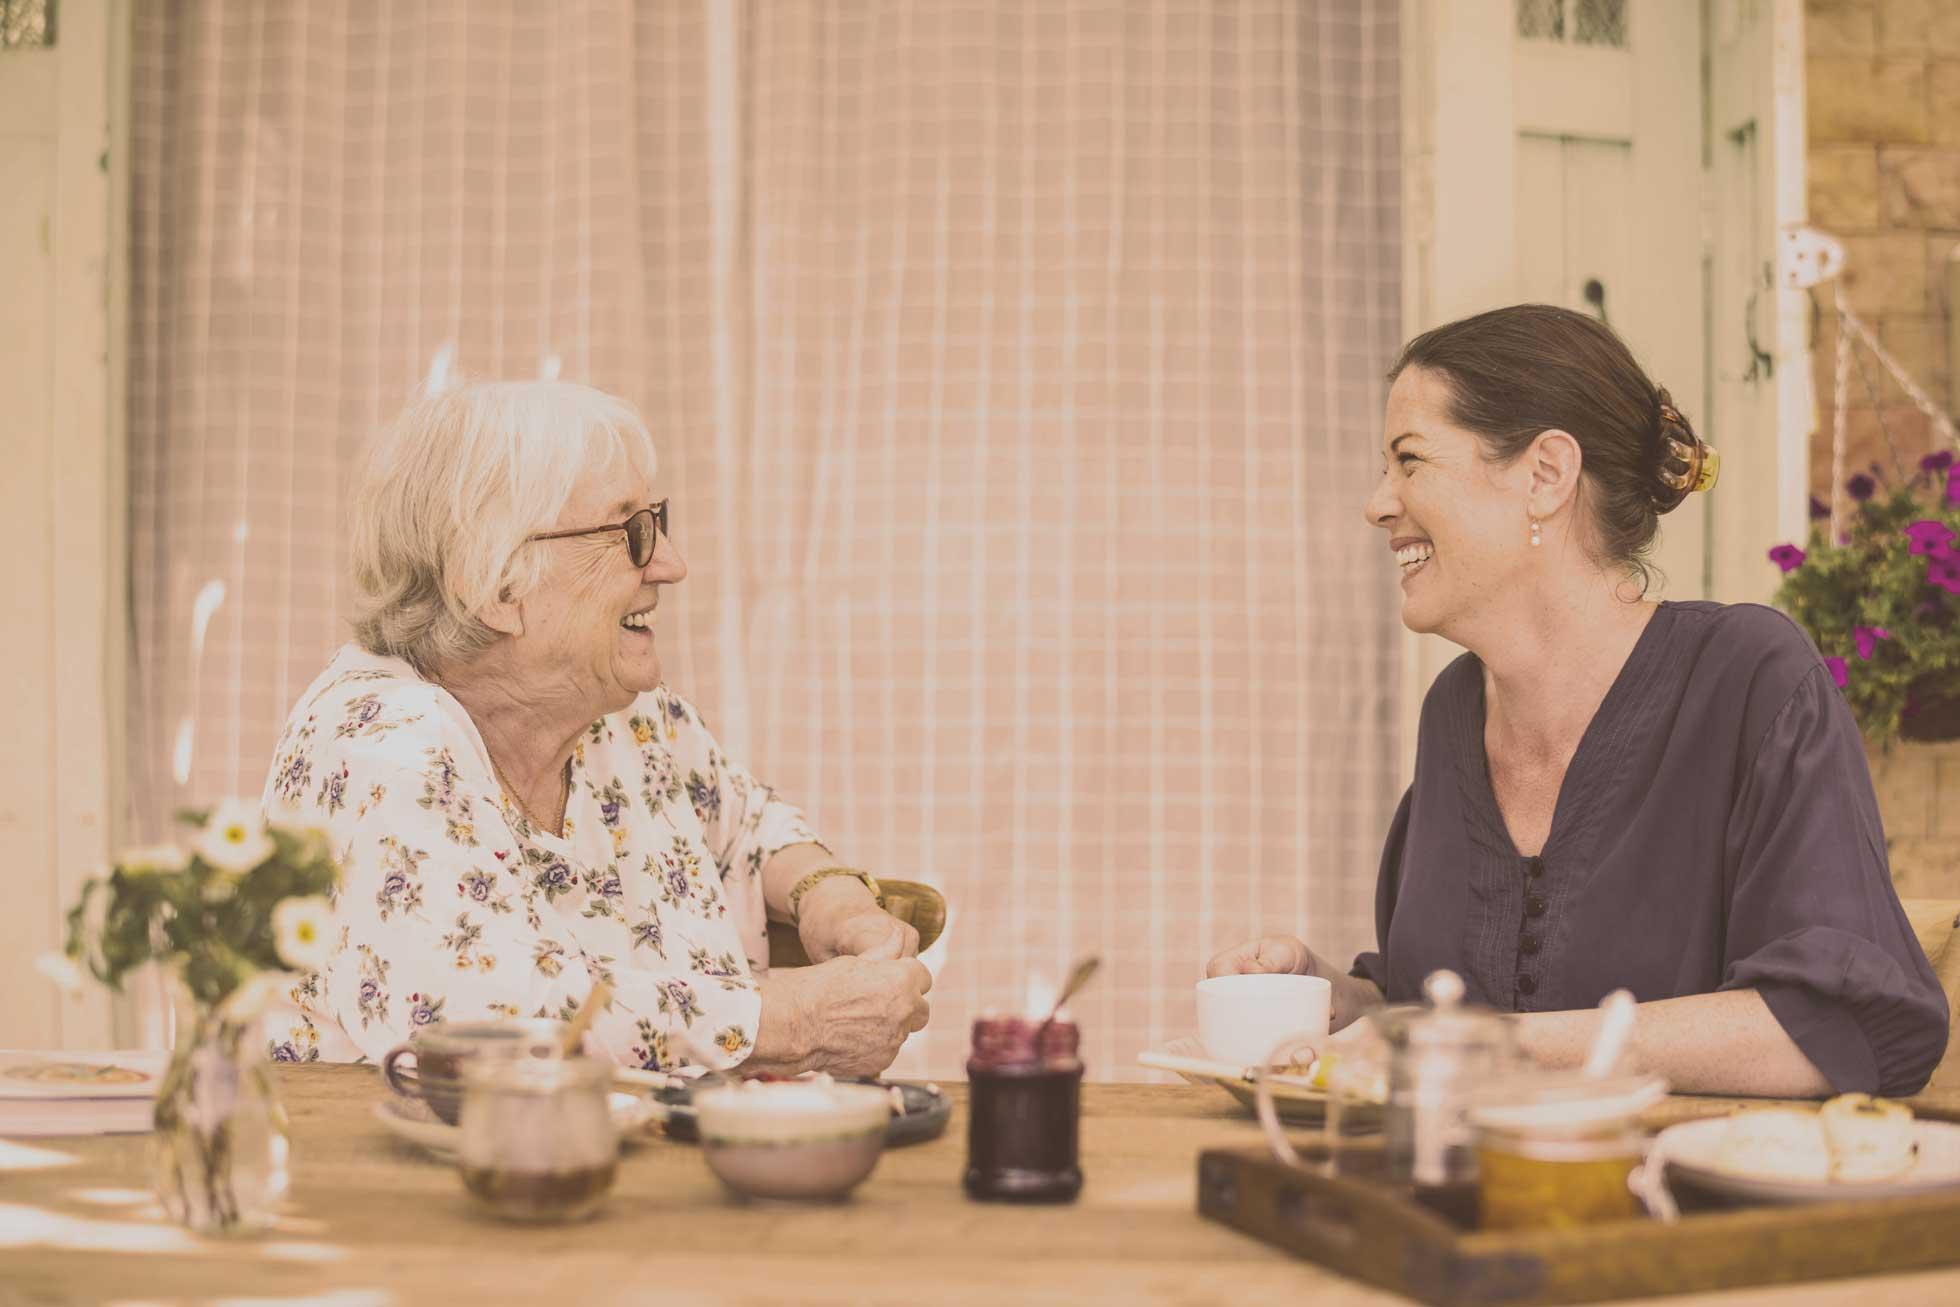 home care for seniorsaandaelderly hca